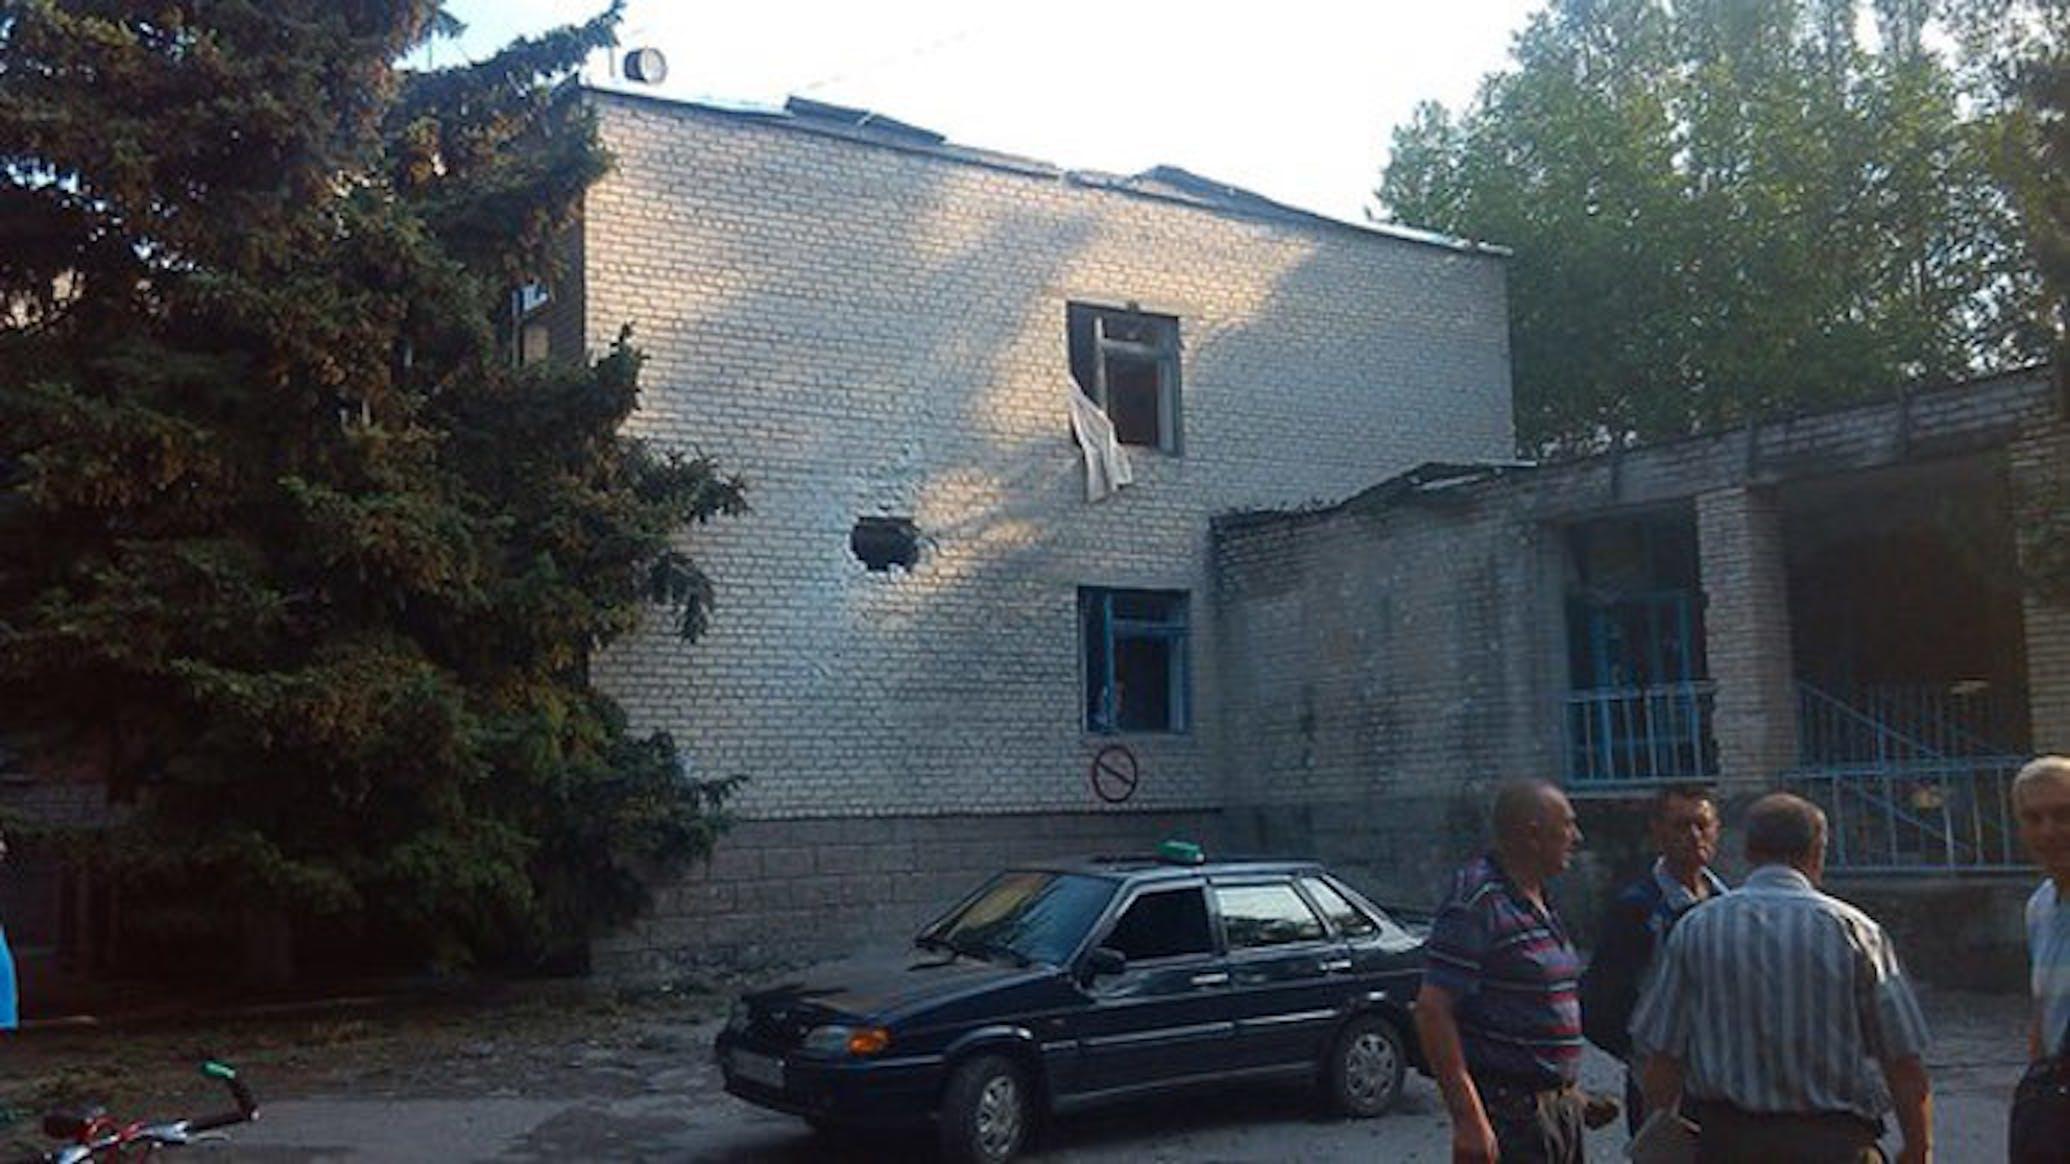 Un'immagine dell'ospedale di Slavyansk colpito la mattina del 30 maggio. Fortunatamente, al momento dell'impatto i bambini erano già stati evacuati dalla struttura